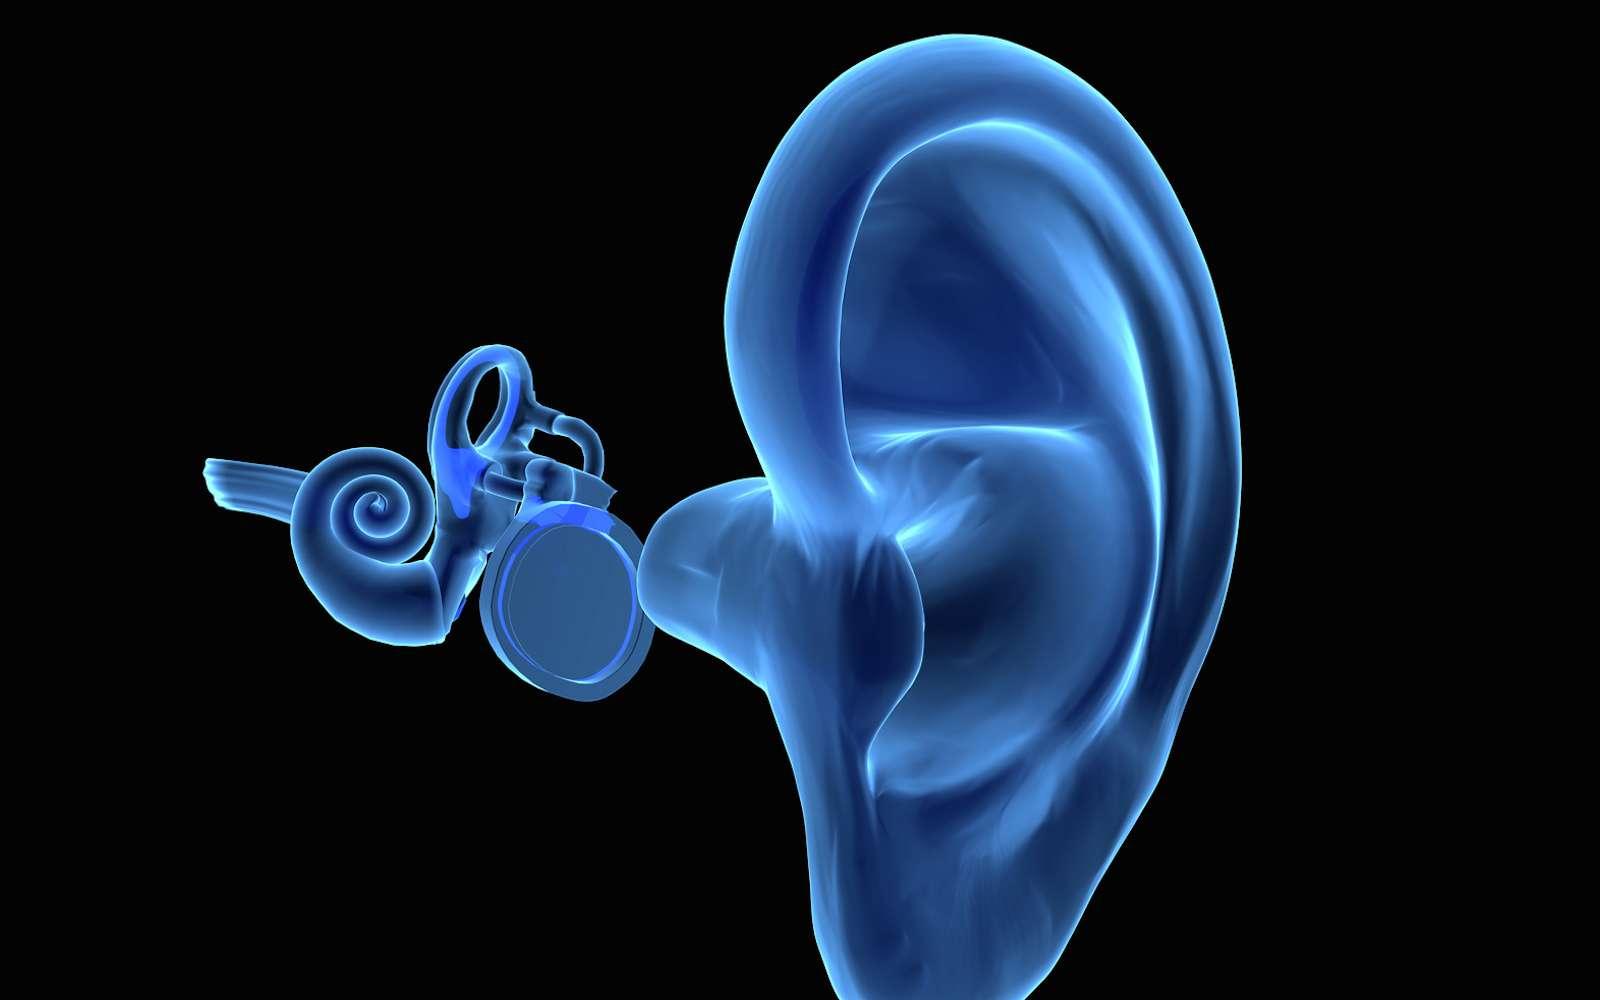 Le tympan est une membrane située entre l'oreille externe et l'oreille moyenne. © goanovi, Fotolia